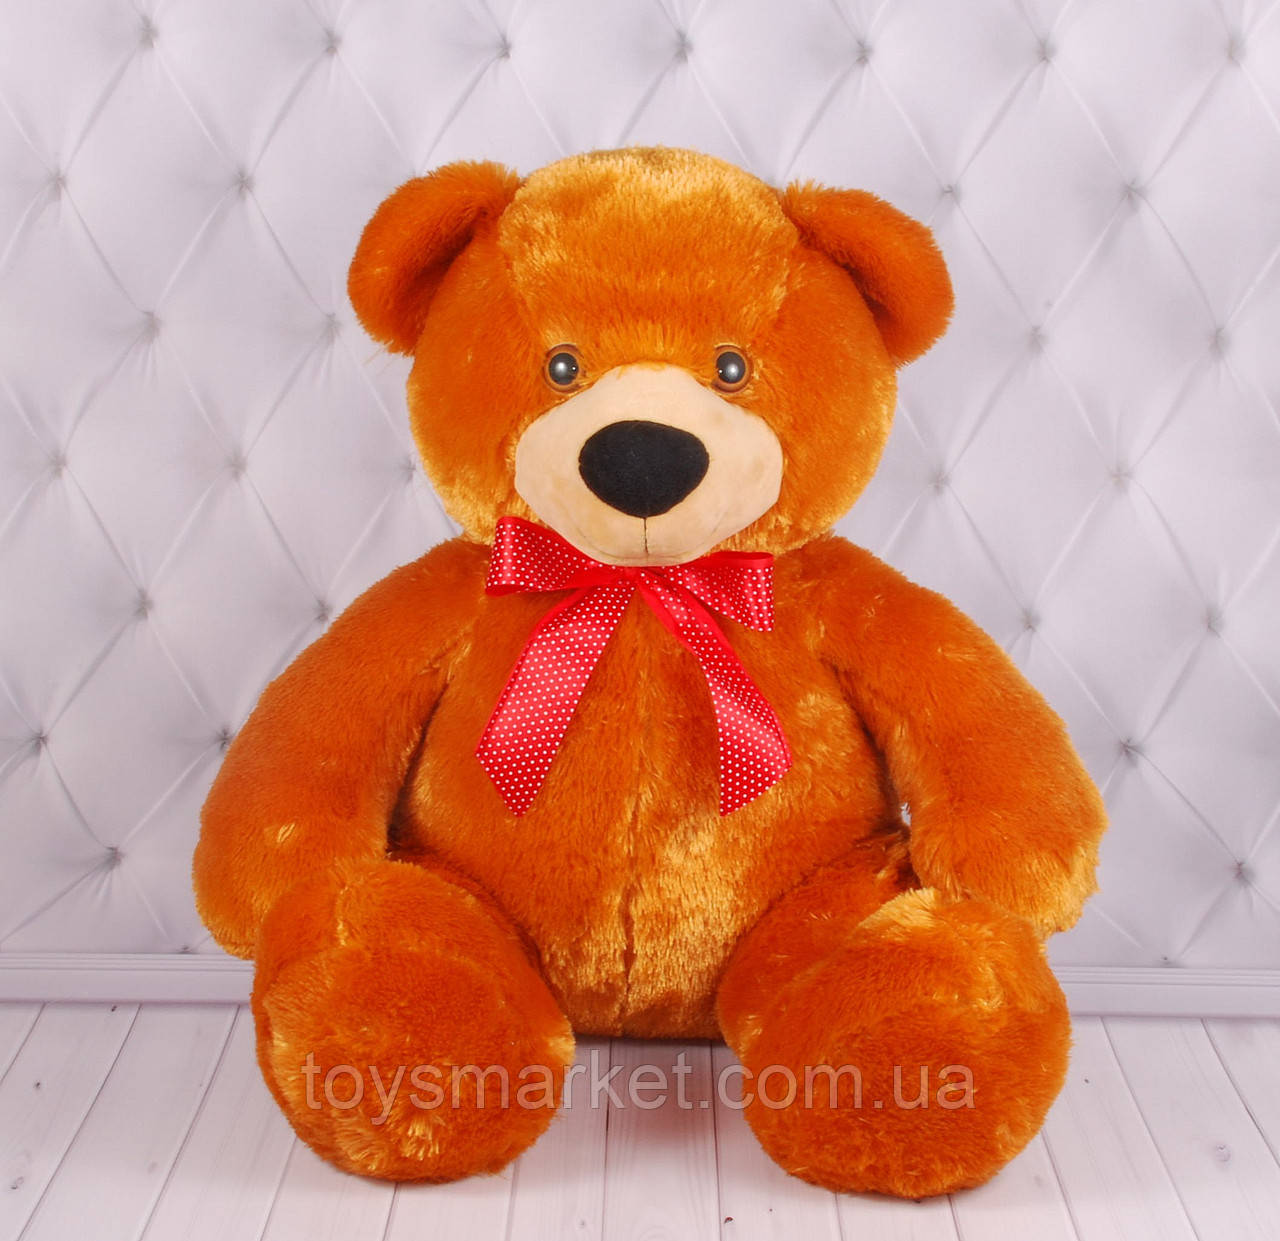 Плюшевый мишка Тедд